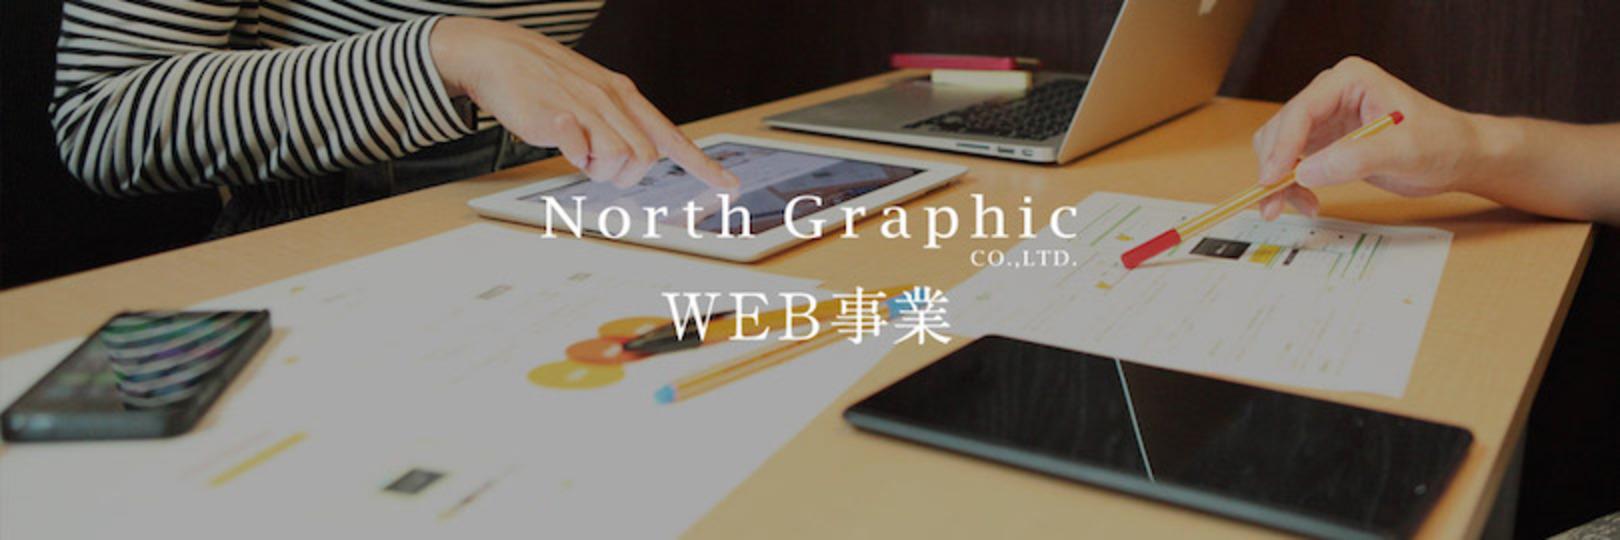 株式会社 ノースグラフィックの求人情報